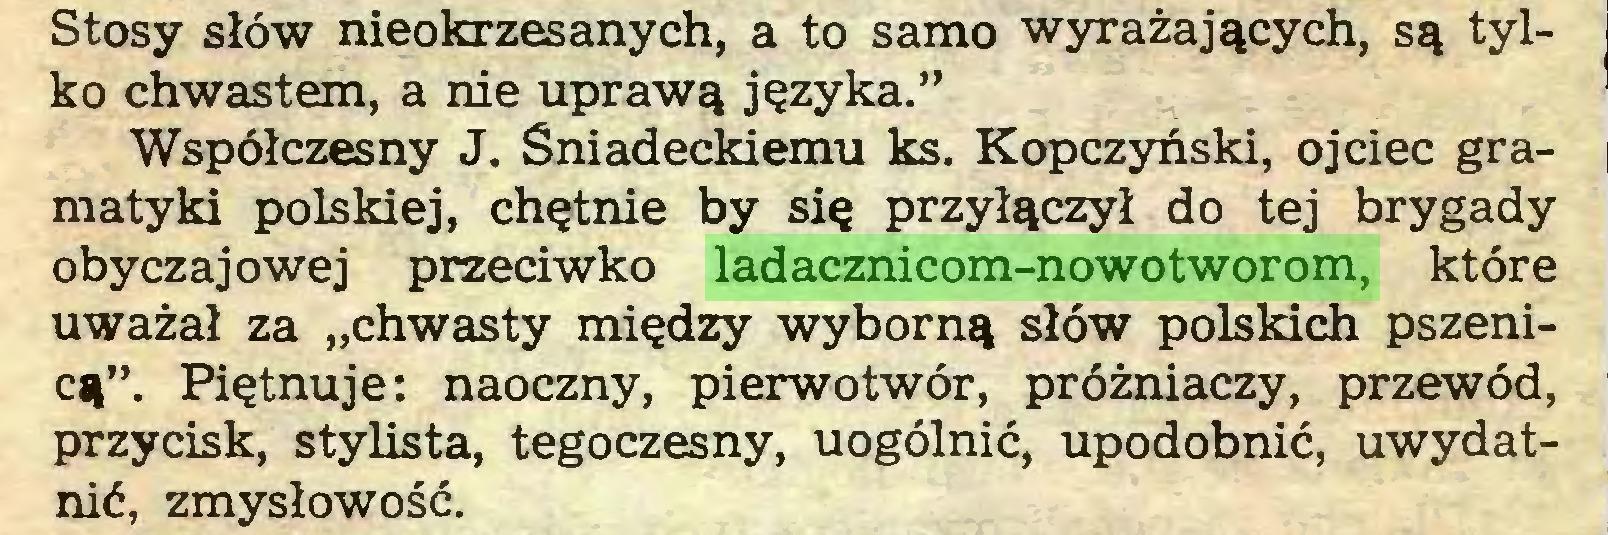 """(...) Stosy słów nieokrzesanych, a to samo wyrażających, są tylko chwastem, a nie uprawą języka."""" Współczesny J. Śniadeckiemu ks. Kopczyński, ojciec gramatyki polskiej, chętnie by się przyłączył do tej brygady obyczajowej przeciwko ladacznicom-nowotworom, które uważał za """"chwasty między wyborną słów polskich pszenicą"""". Piętnuje: naoczny, pierwotwór, próżniaczy, przewód, przycisk, stylista, tegoczesny, uogólnić, upodobnić, uwydatnić, zmysłowość..."""